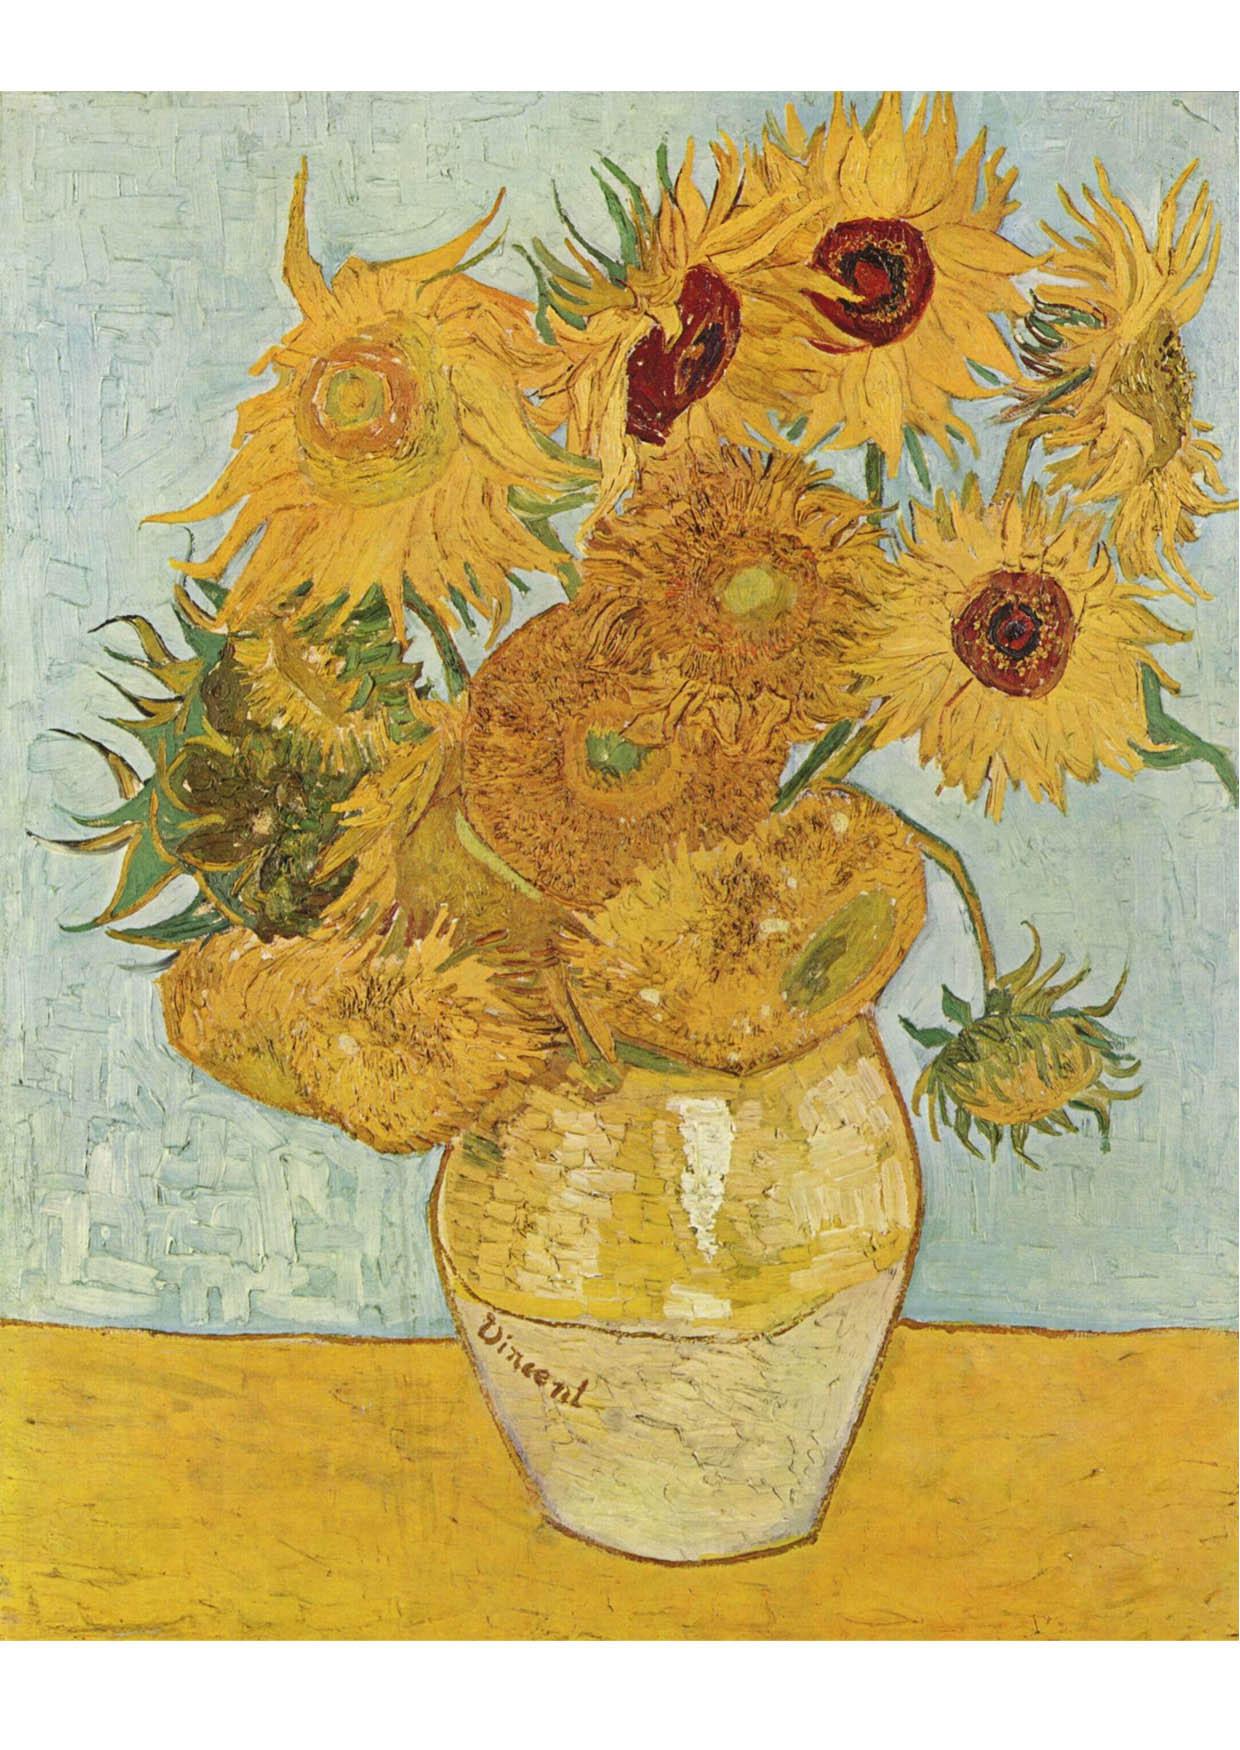 Imagen Vincent Van Gogh - Los girasoles - Img 17055